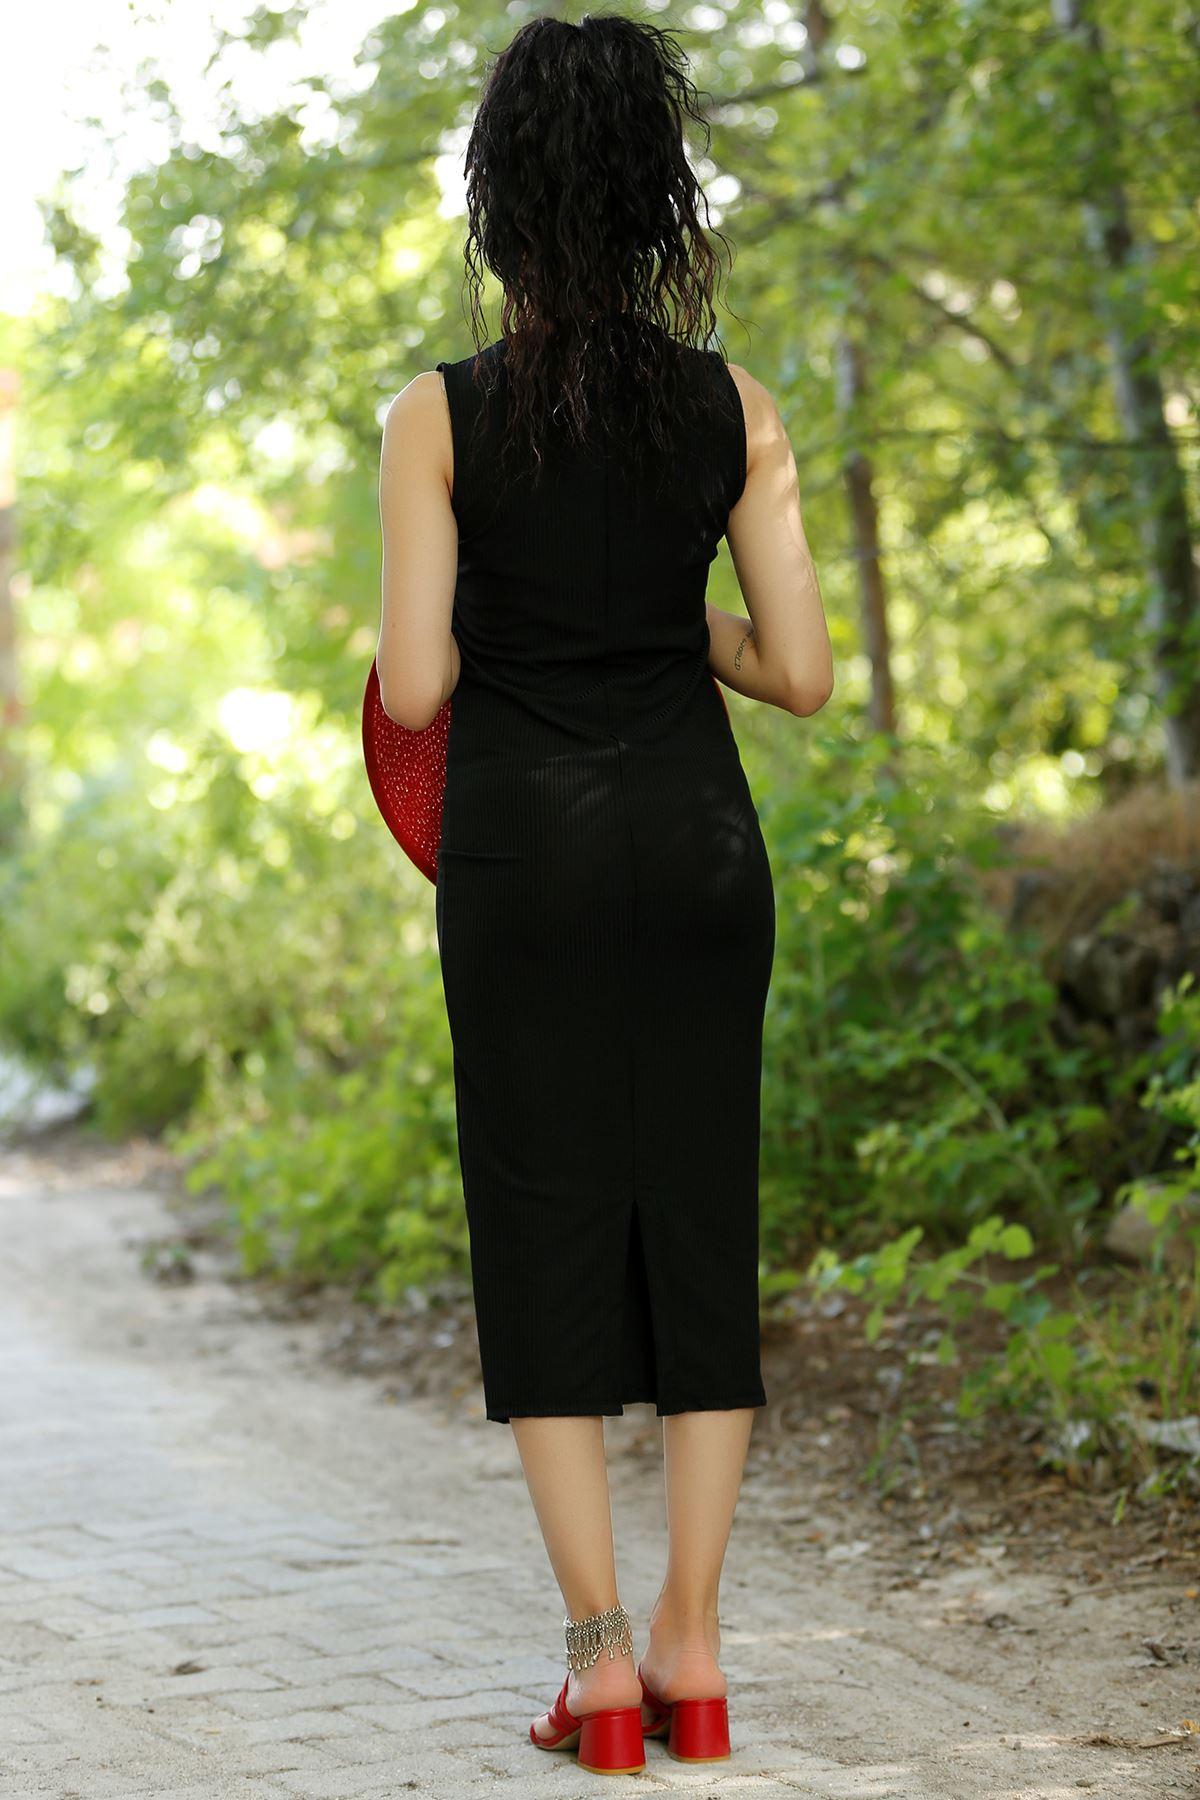 Sıfır Kol Elbise Siyah - 20272.1234.